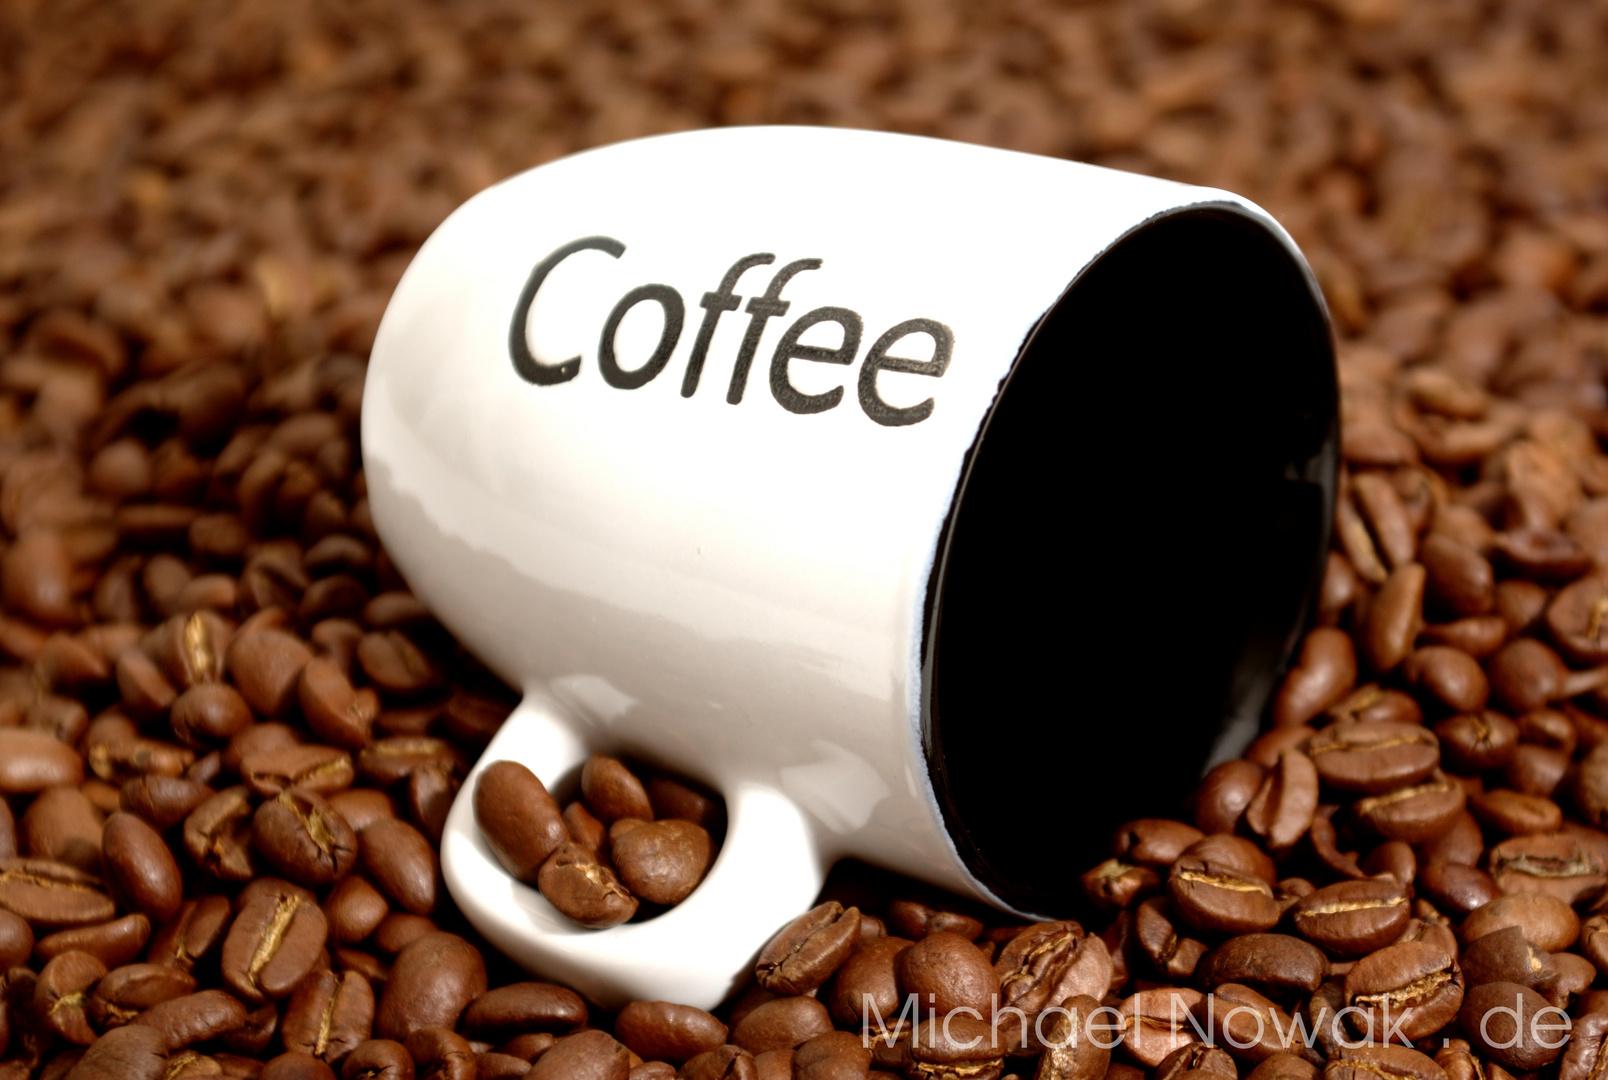 kaffeetasse foto bild stillleben essen trinken tee und kaffee bilder auf fotocommunity. Black Bedroom Furniture Sets. Home Design Ideas